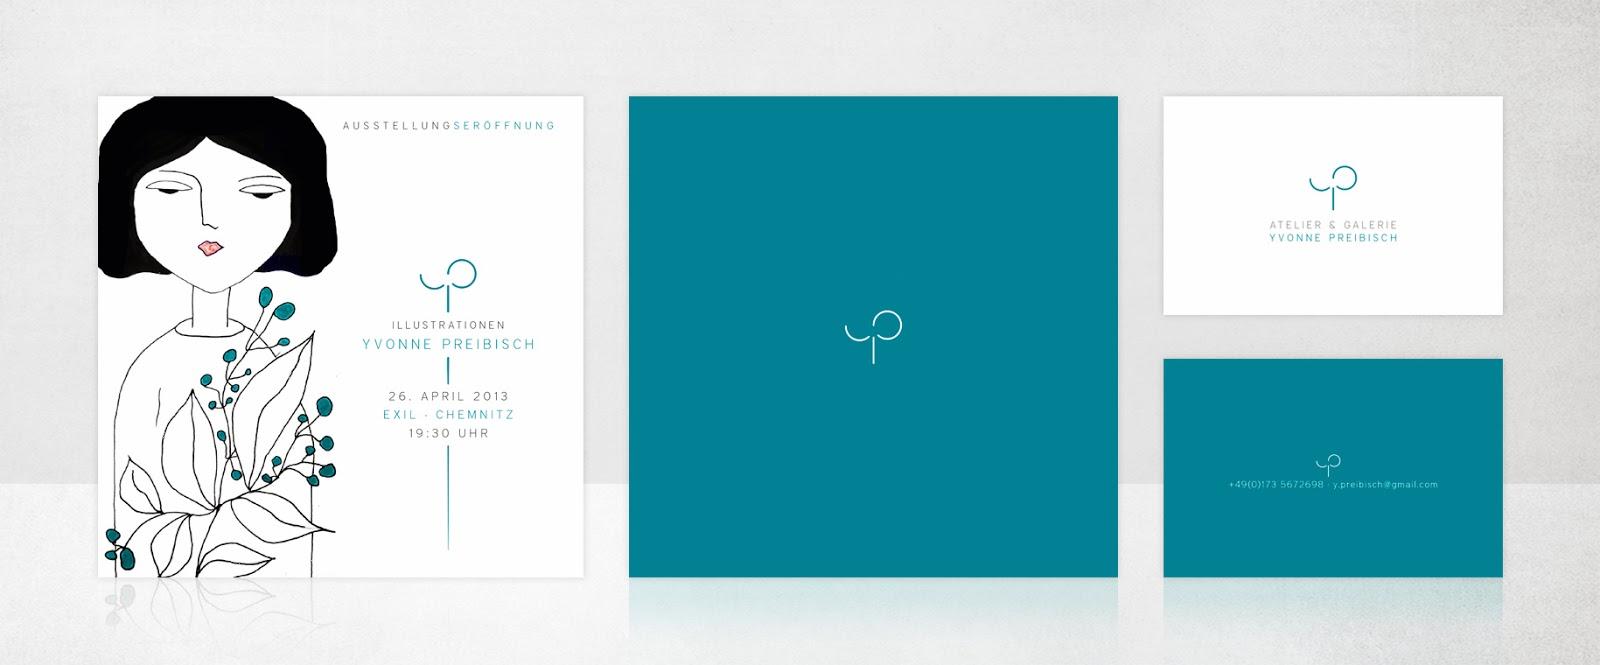 Alexander Seypt Design Audio Atelier Yvonne Preibisch